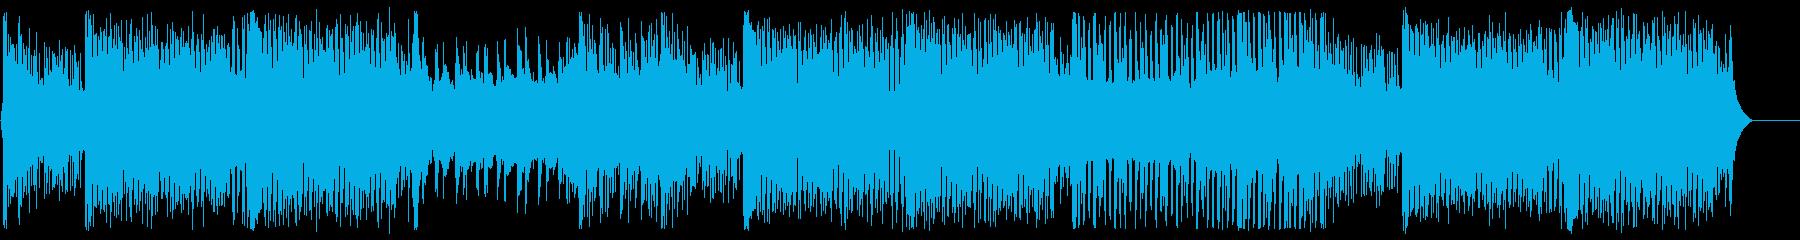 和風EDM・アップテンポな三味線の再生済みの波形